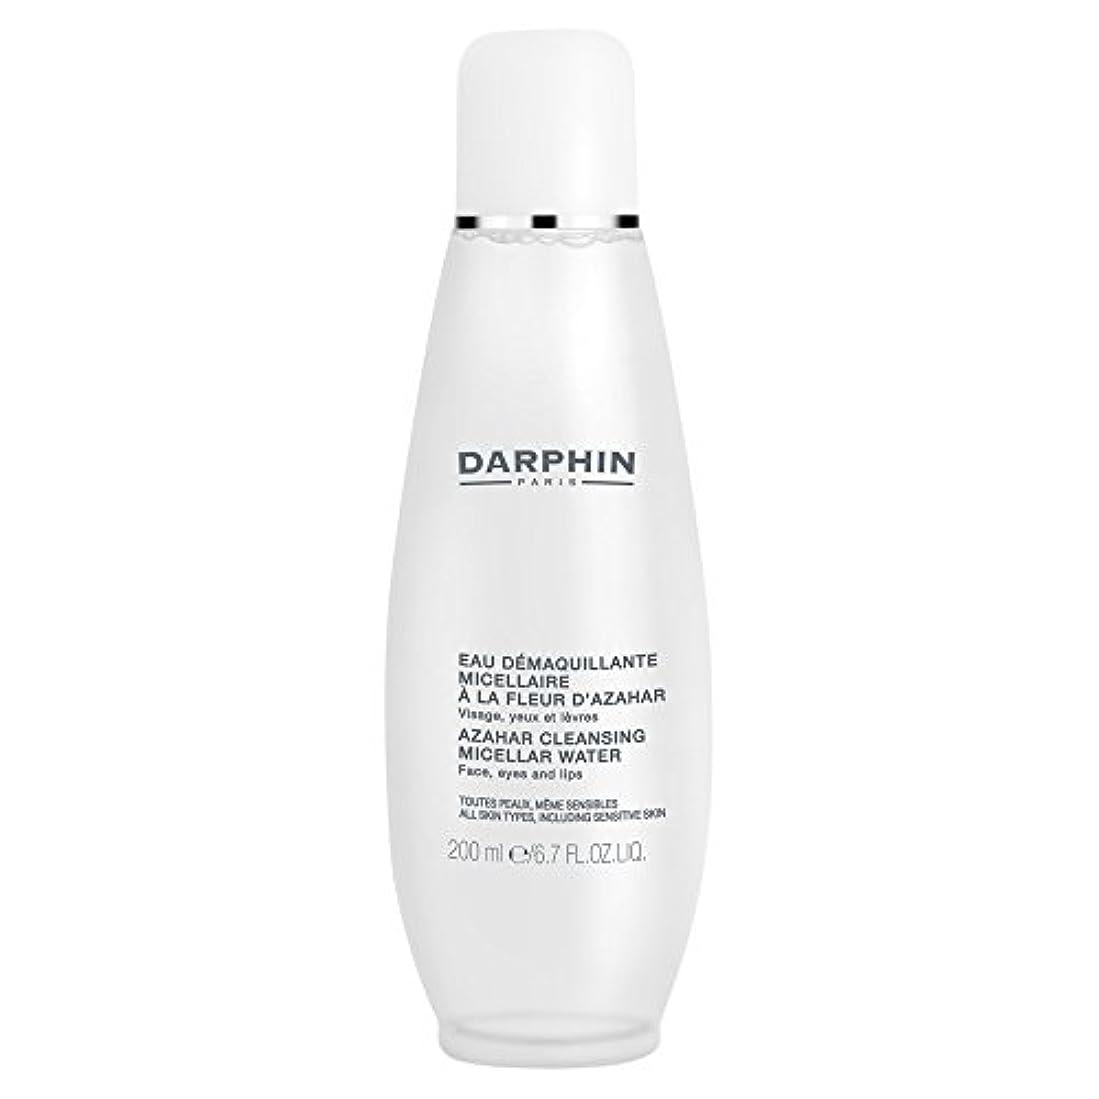 適格揮発性コーチミセル水クレンジングアサールダルファン、200ミリリットル (Darphin) (x2) - Darphin Azahar Cleansing Micellar Water, 200ml (Pack of 2) [並行輸入品]